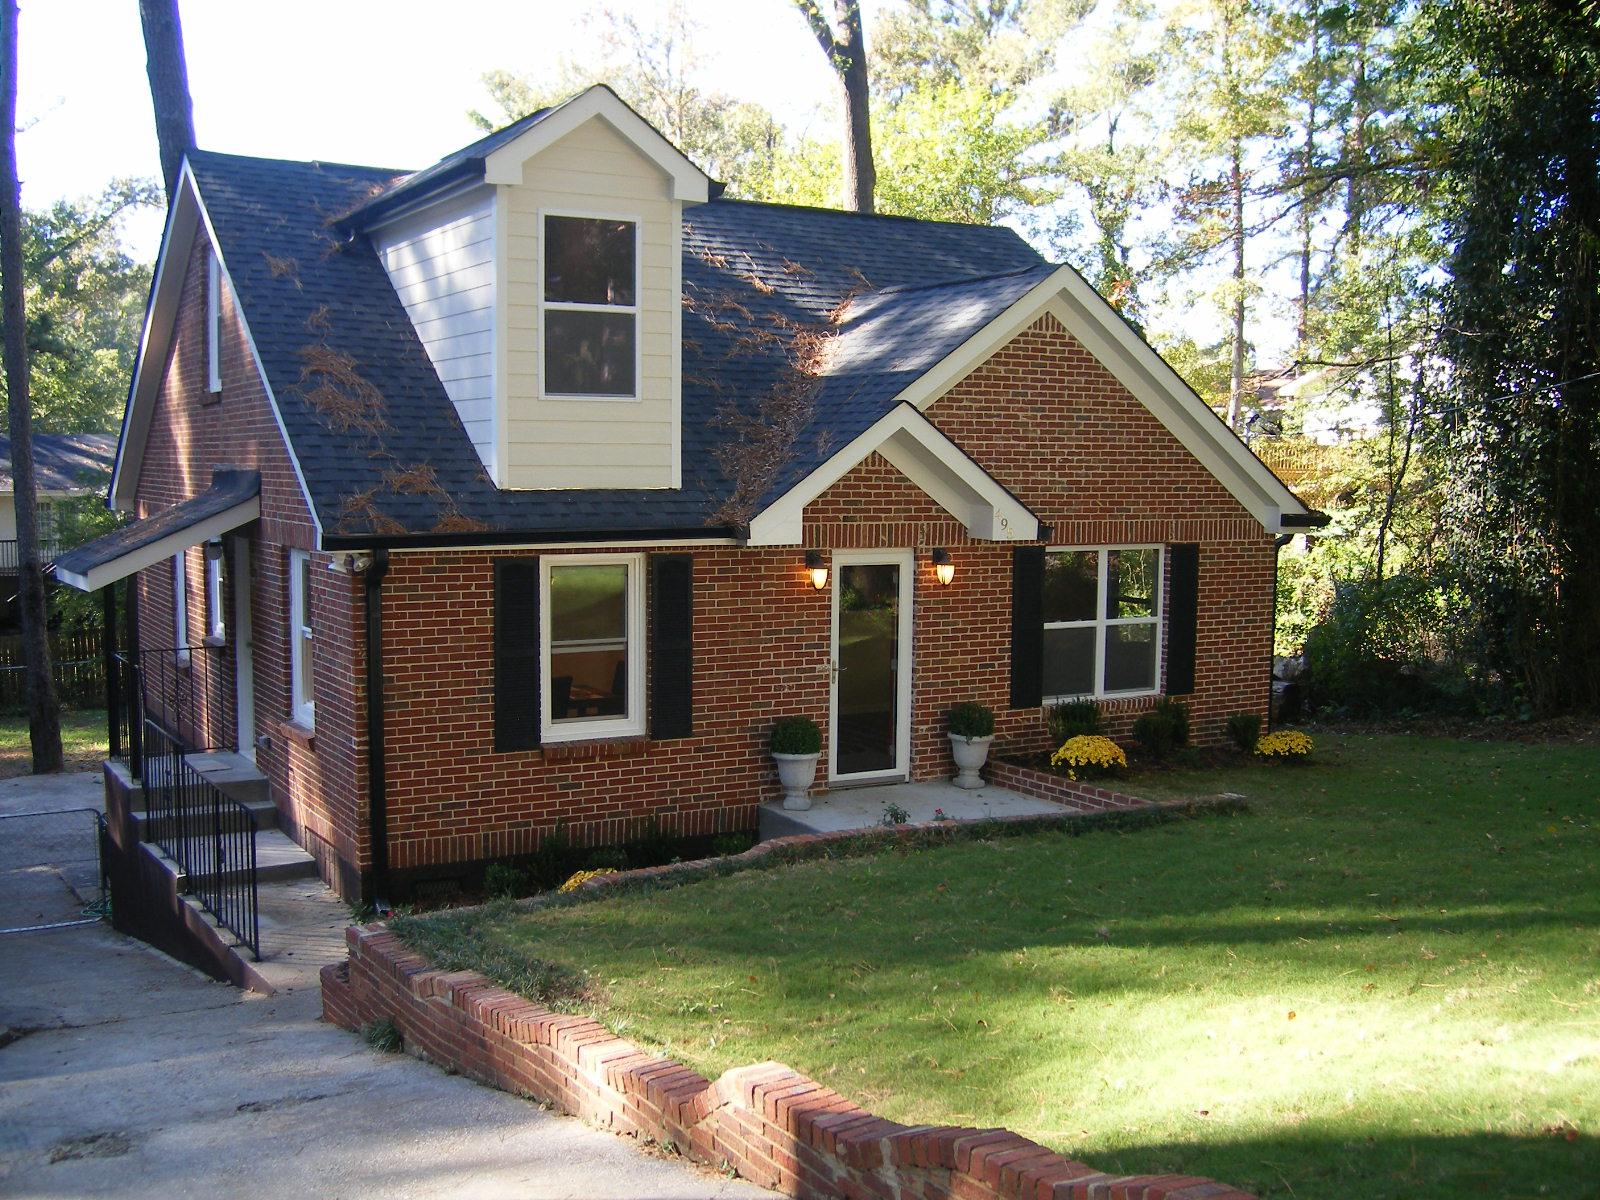 Decatur Home For Sale: 495 Daniel Ave, Decatur, GA 30032